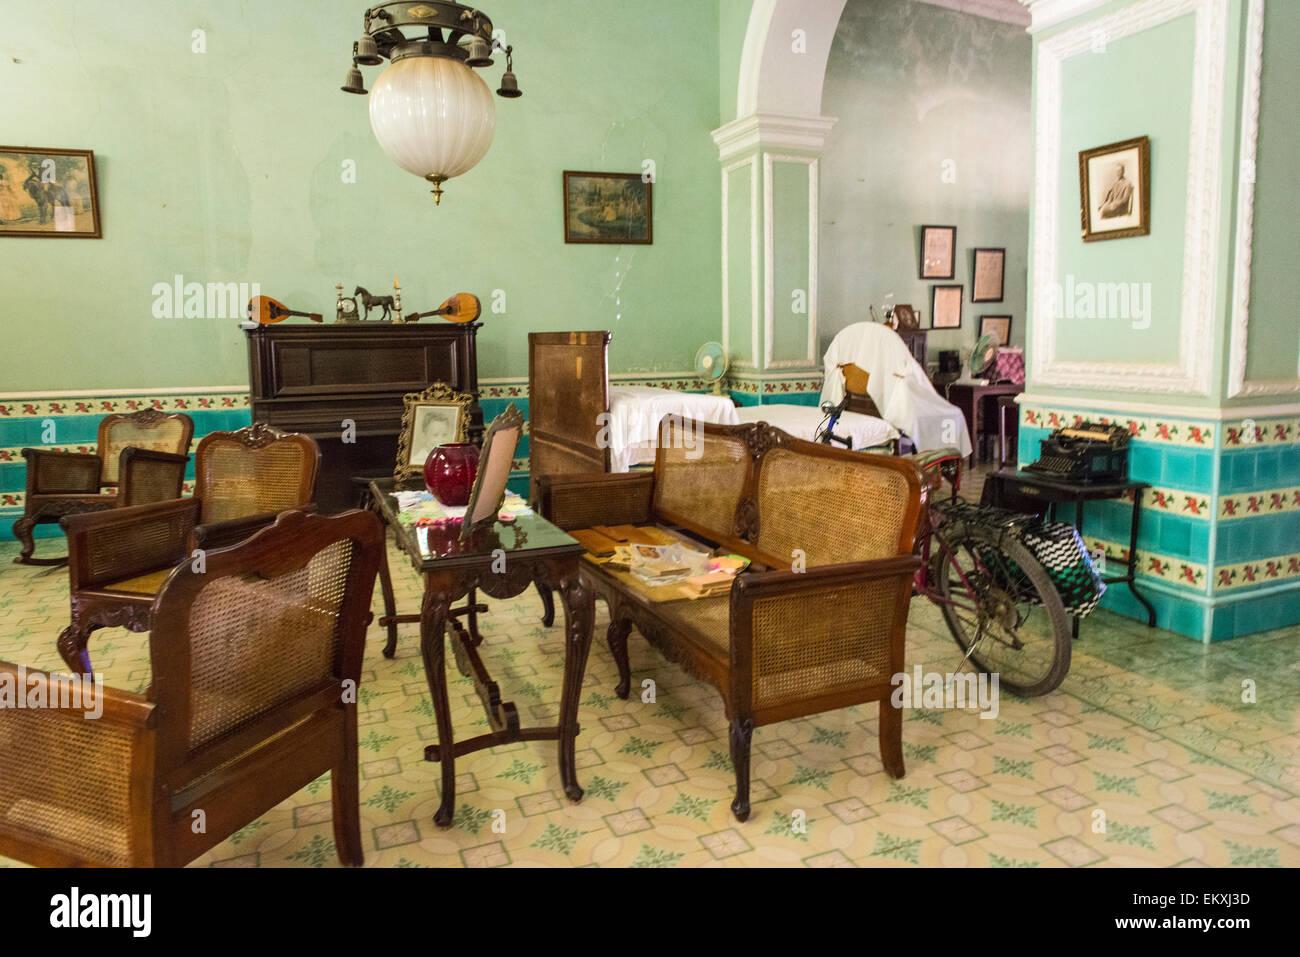 Cubano Casa Vecchia Le Trinidad Mobili Antichi Ornano Cuba Tipica cKl1T3JF